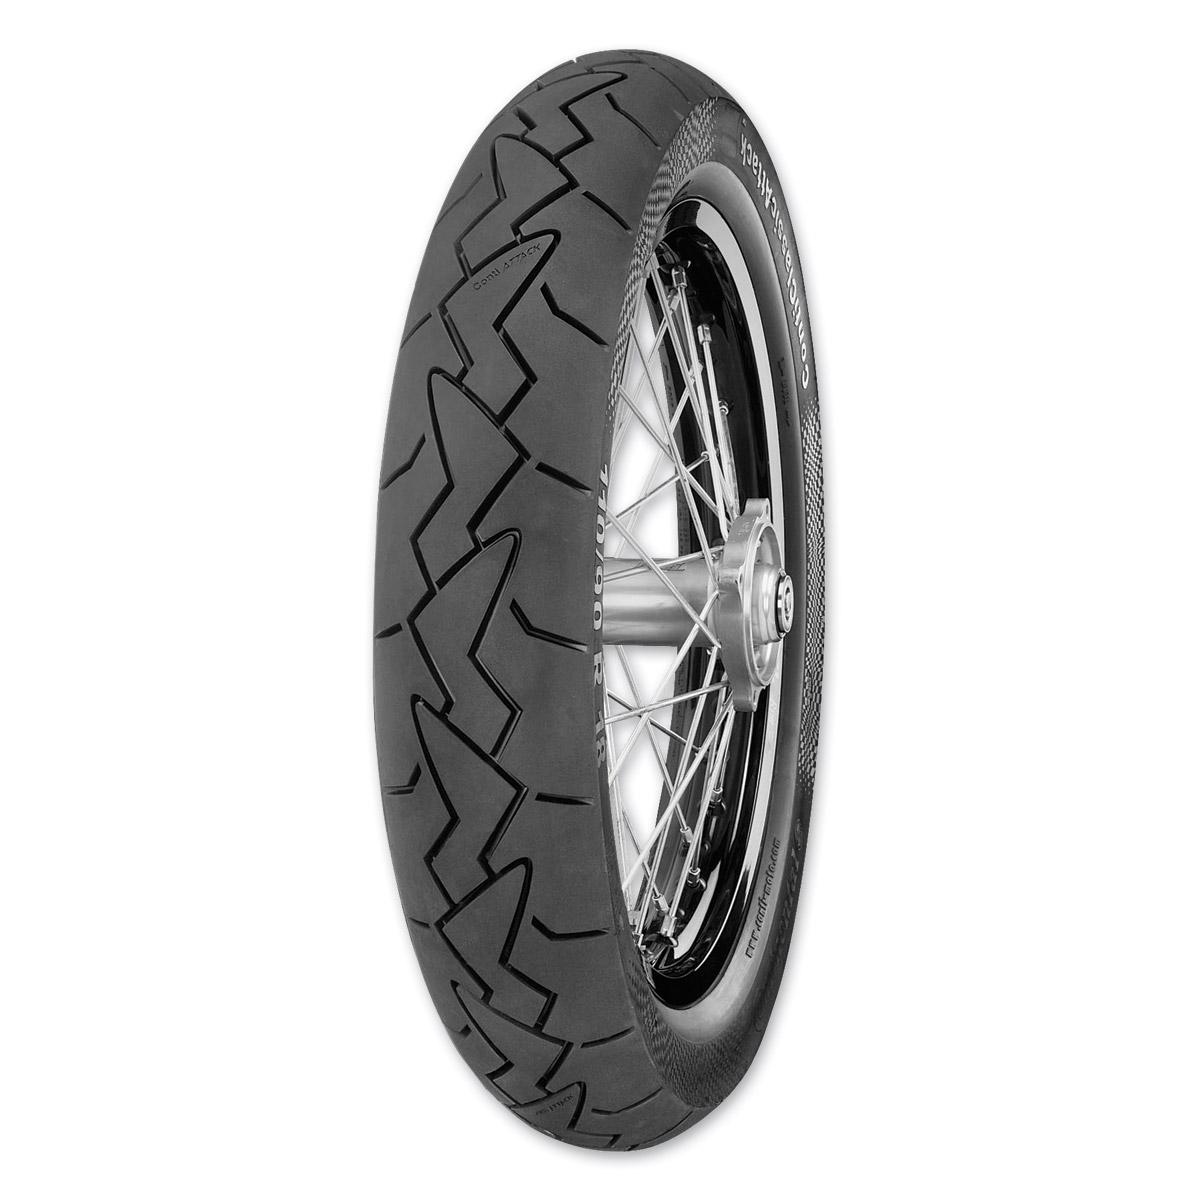 Continental Classic Attack 110/90VR18 Rear Tire